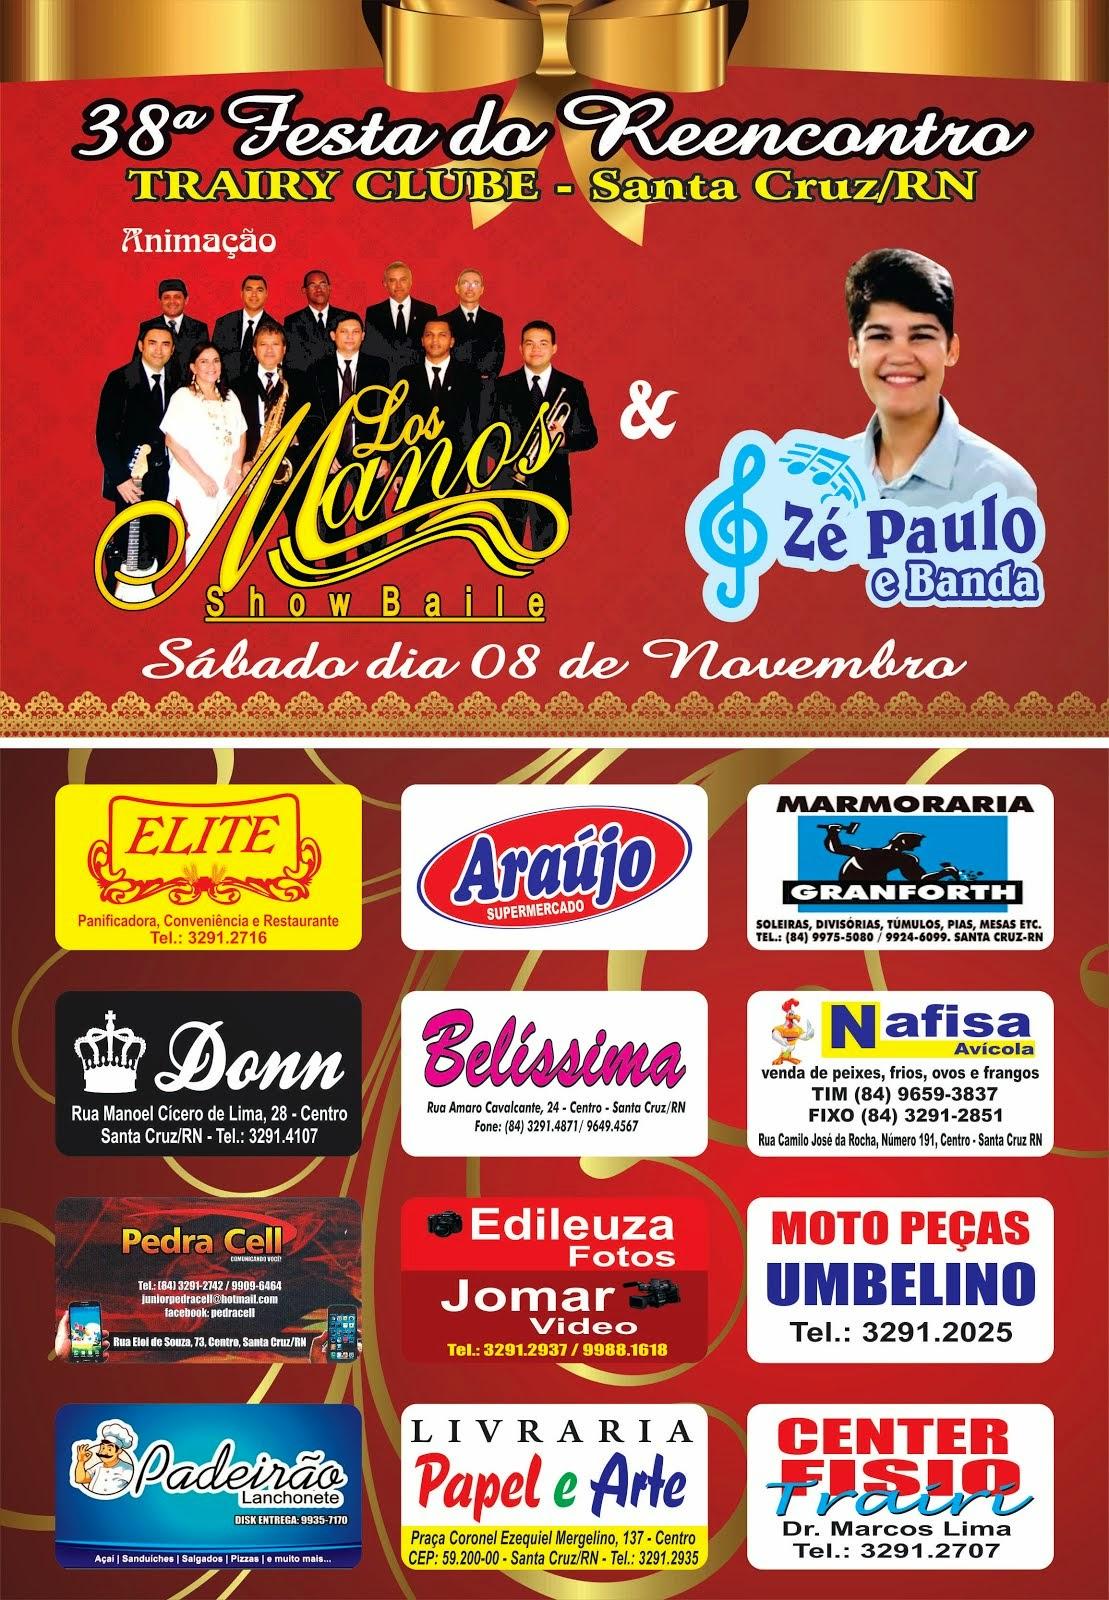 08/11 - 38ª FESTA DO REENCONTRO